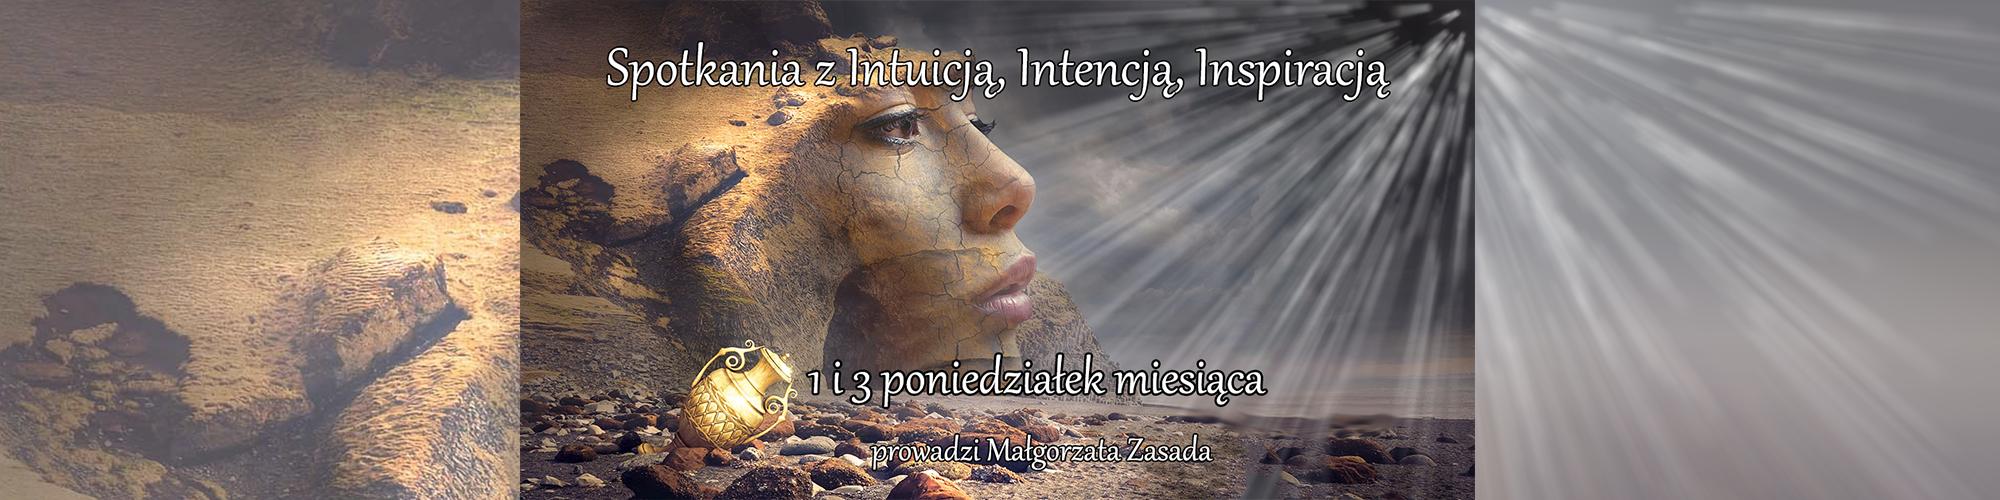 poniedzialek1-banner